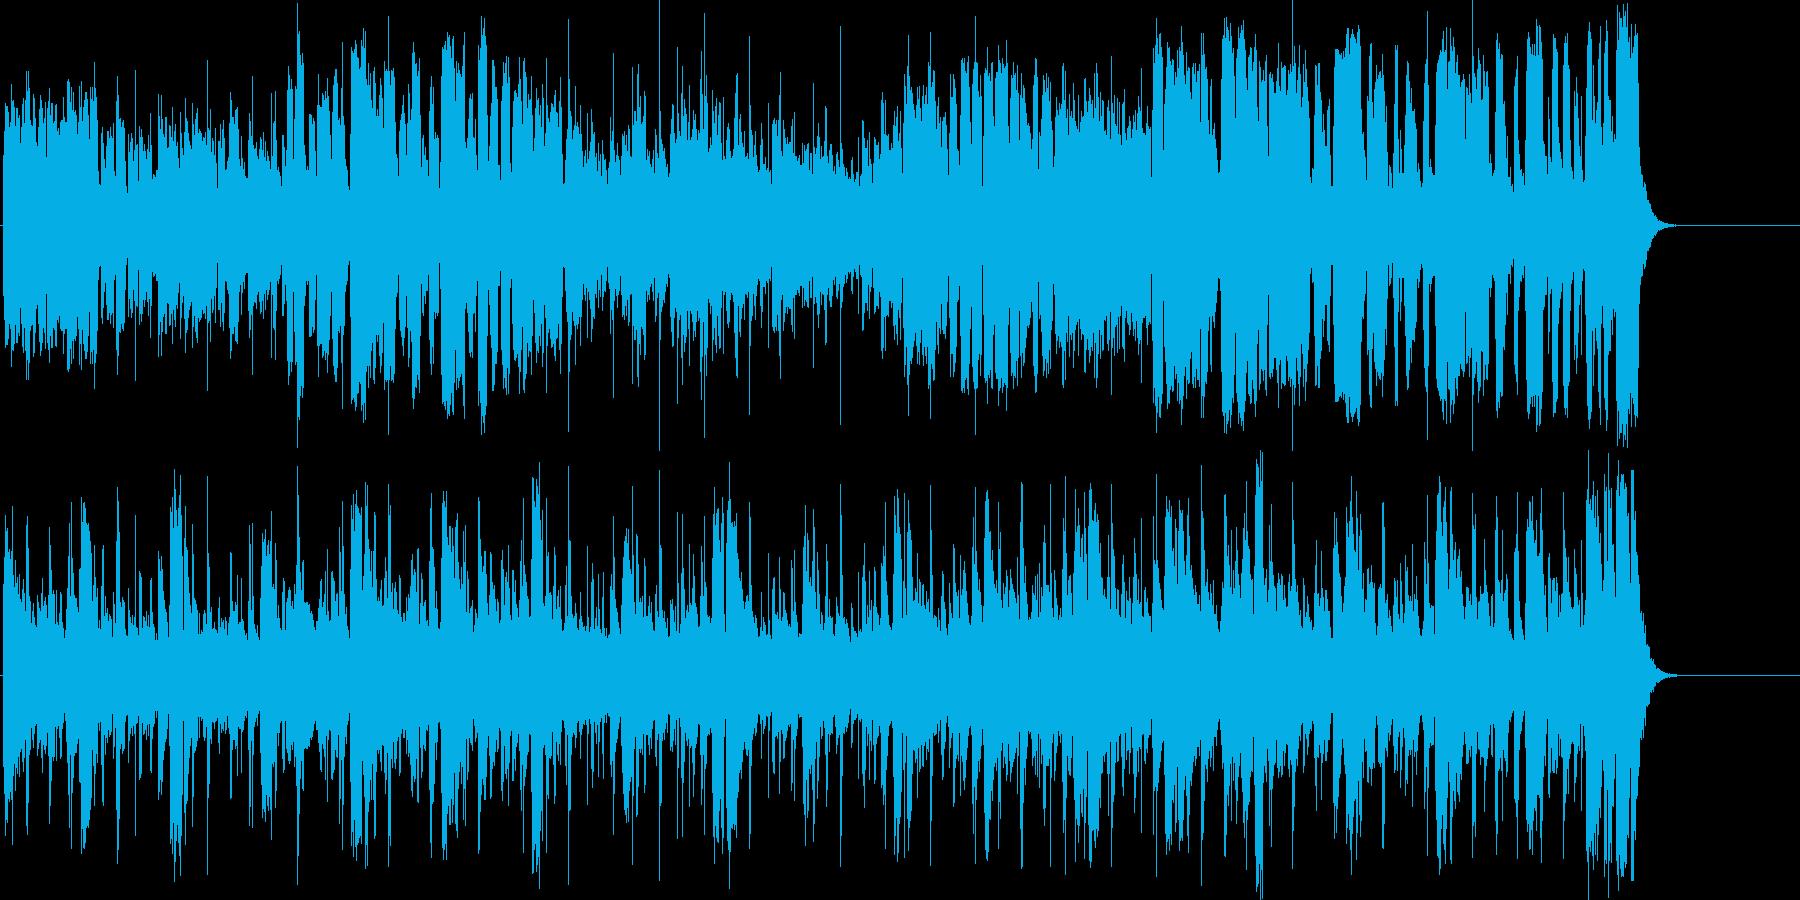 いきいきとした温かいほのぼのポップの再生済みの波形